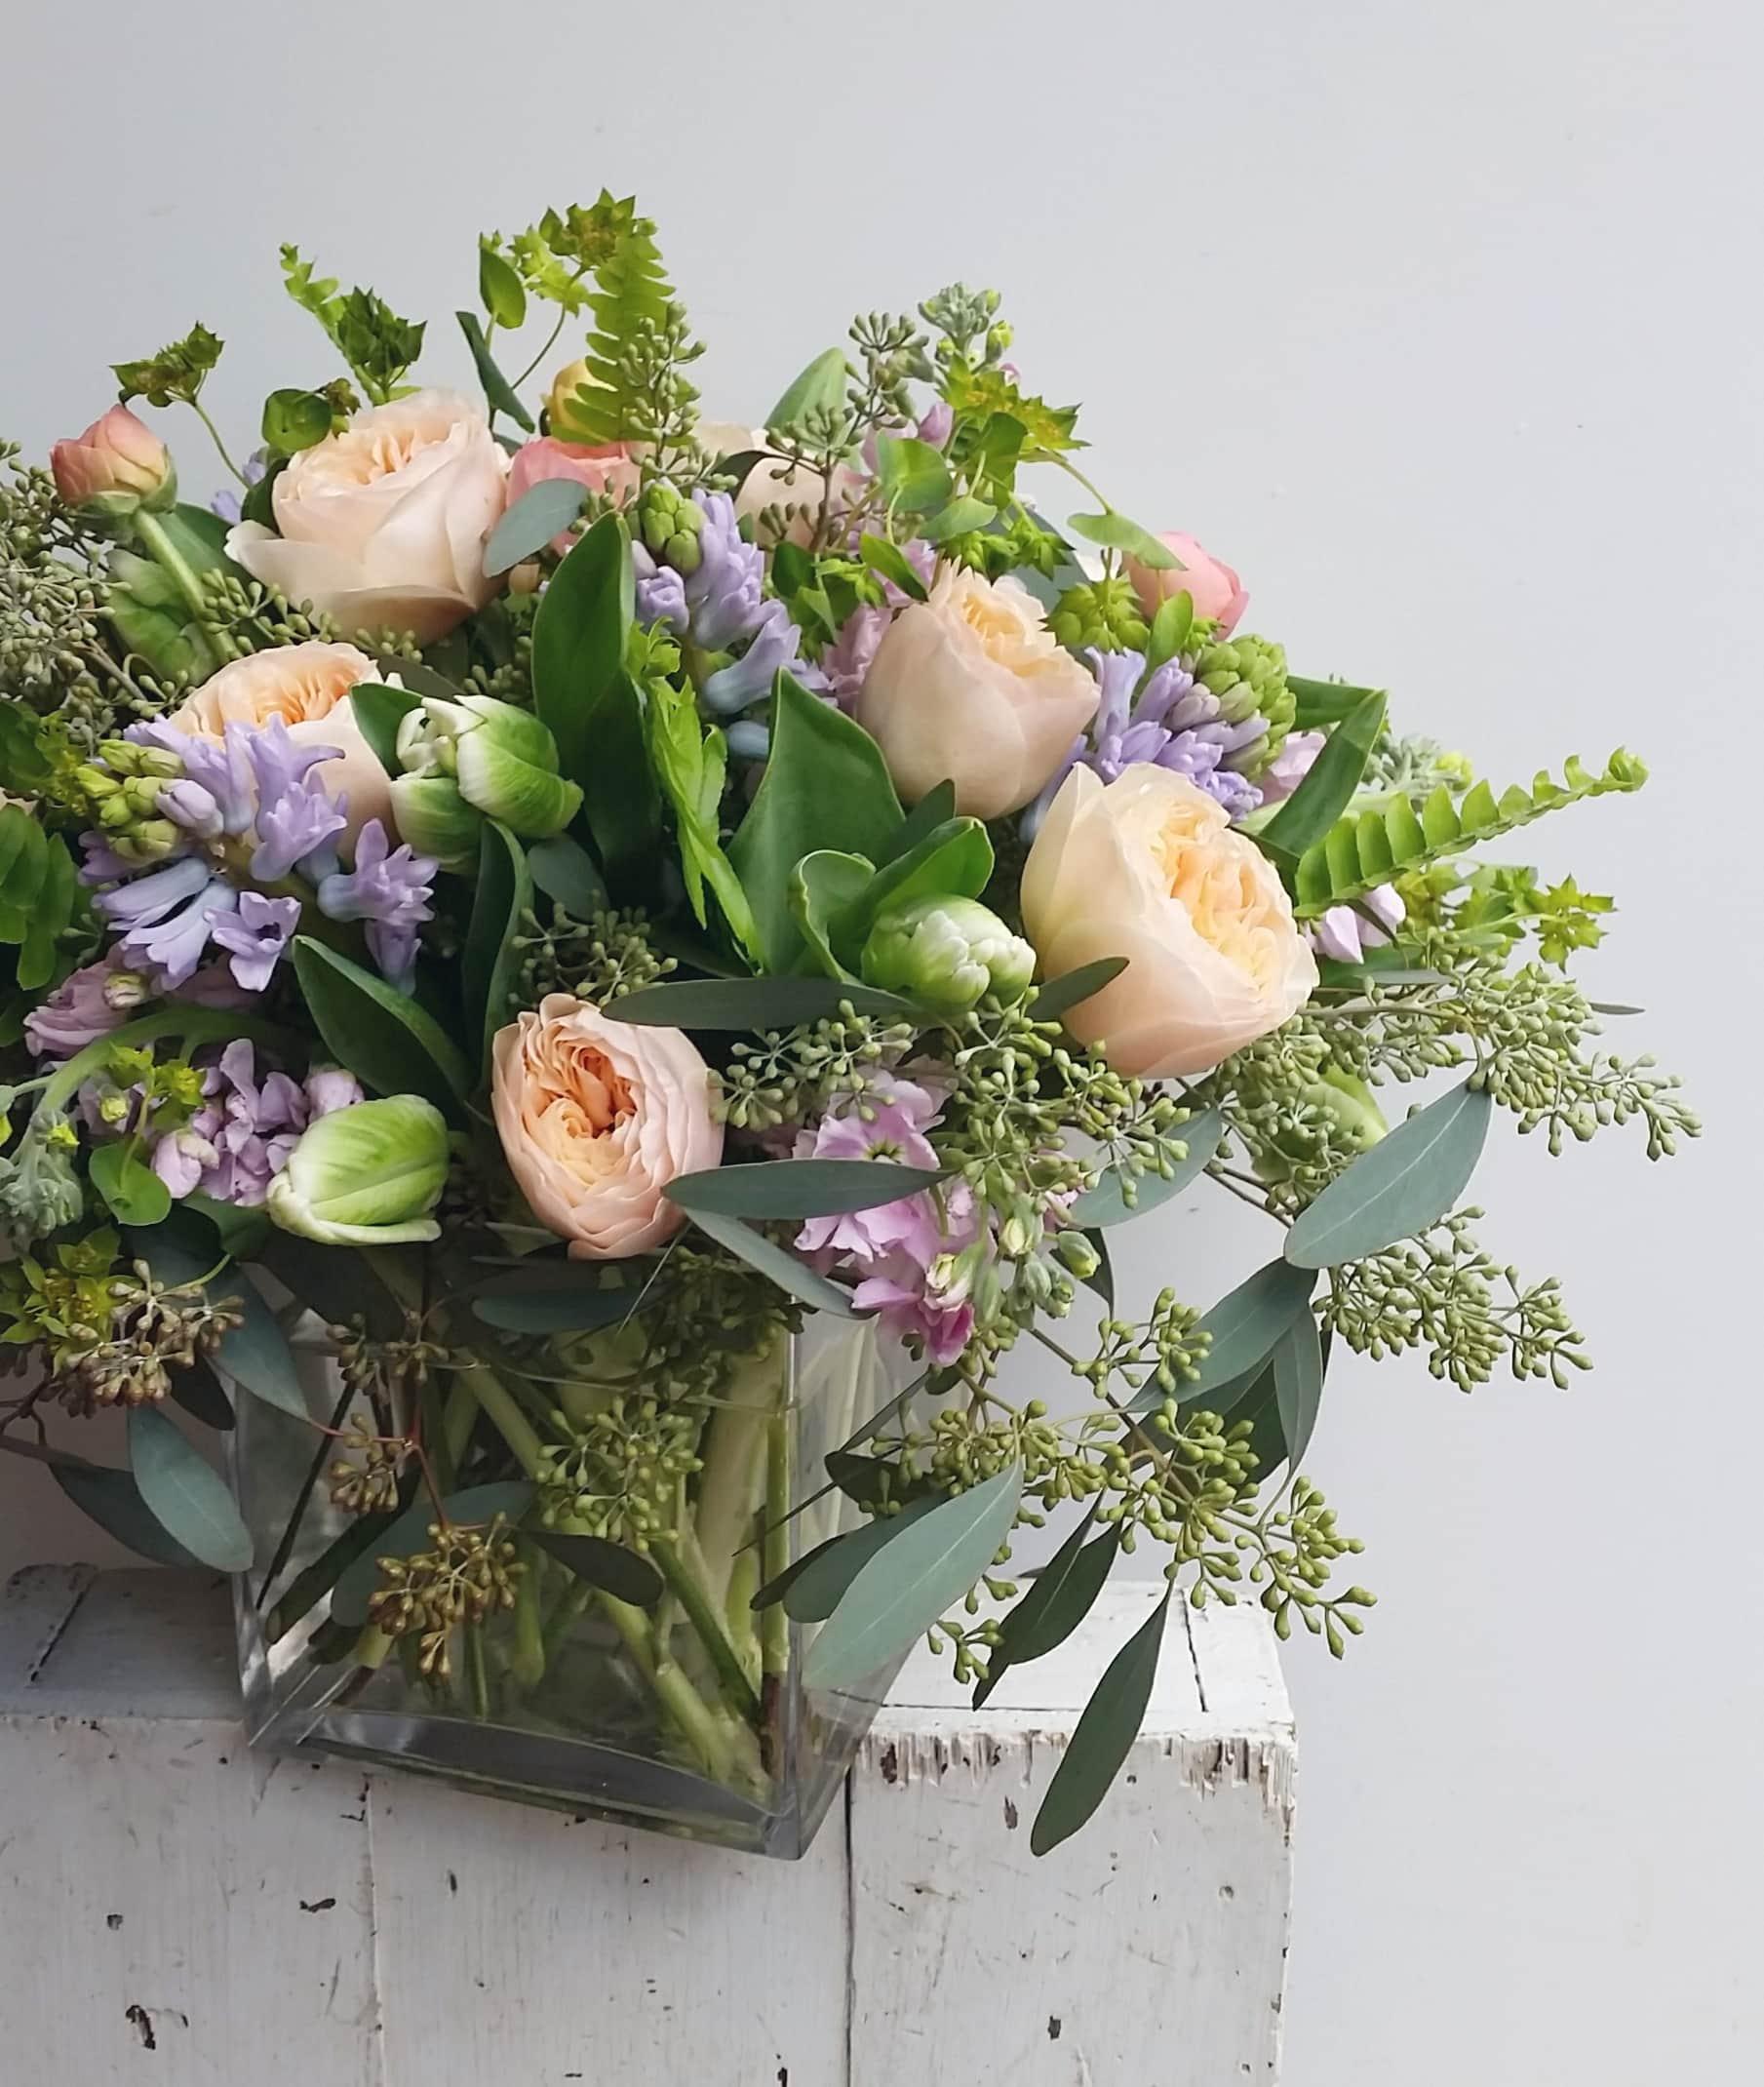 Penelope - Strawberry Fields Flowers & Finds